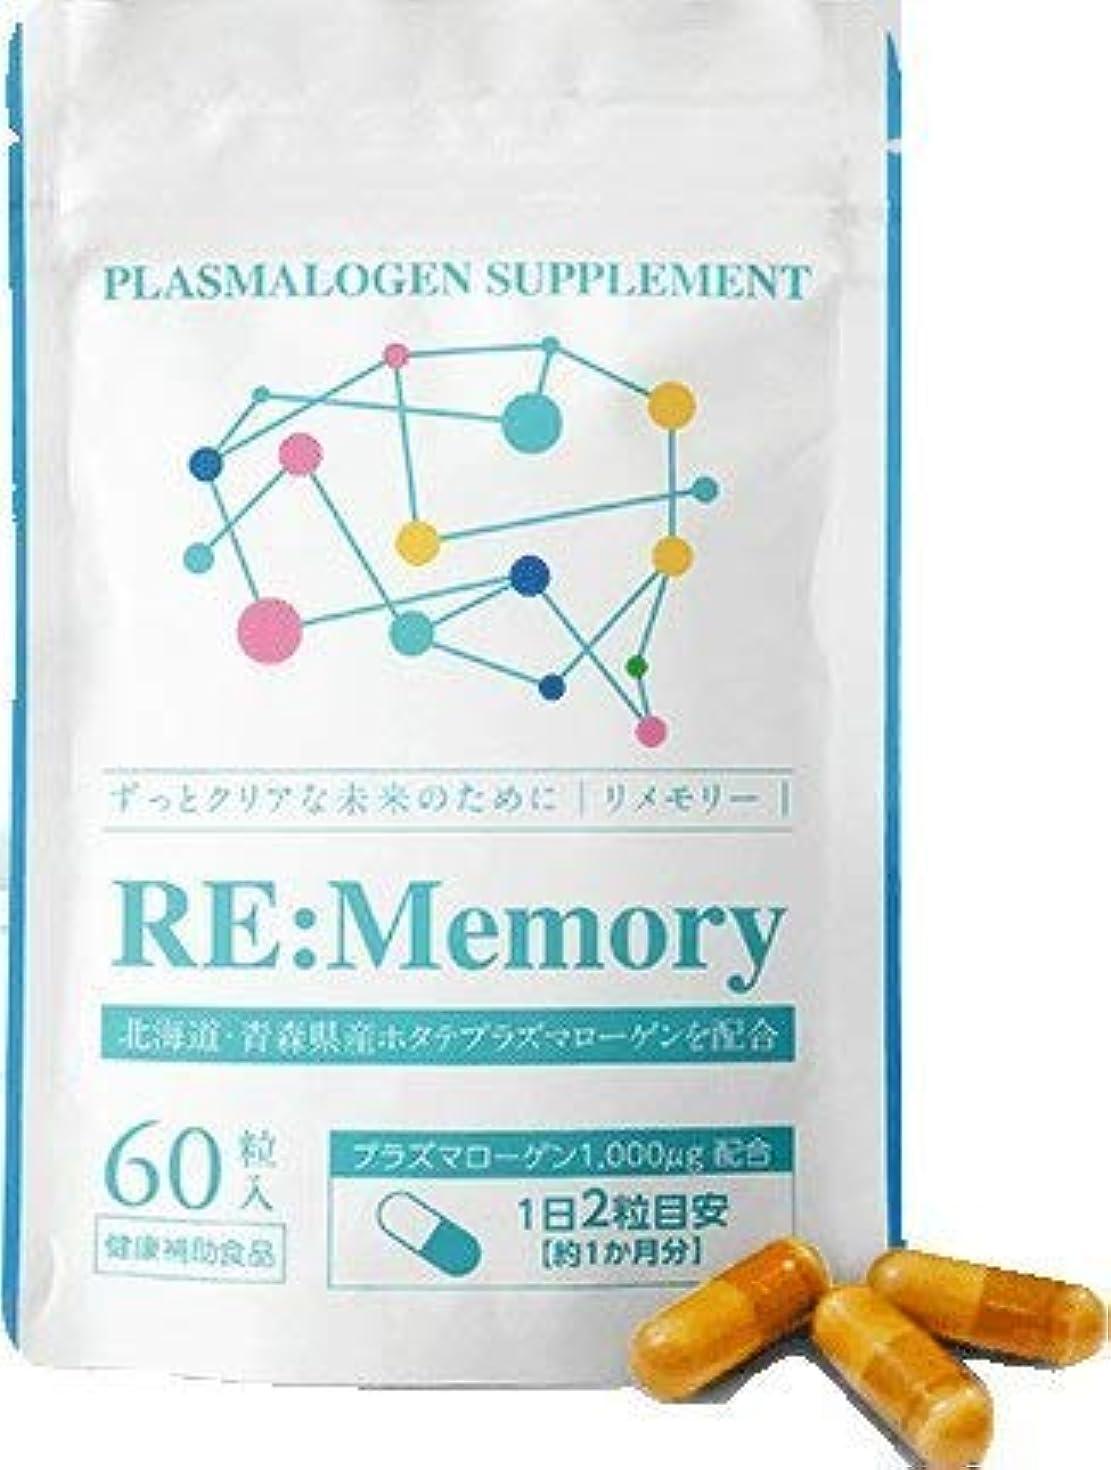 上昇スキップスリラーリメモリー プラズマローゲン 自然良品 サプリ 国産ホタテ由来 DHA EPA フェルラ酸 60粒 30日分